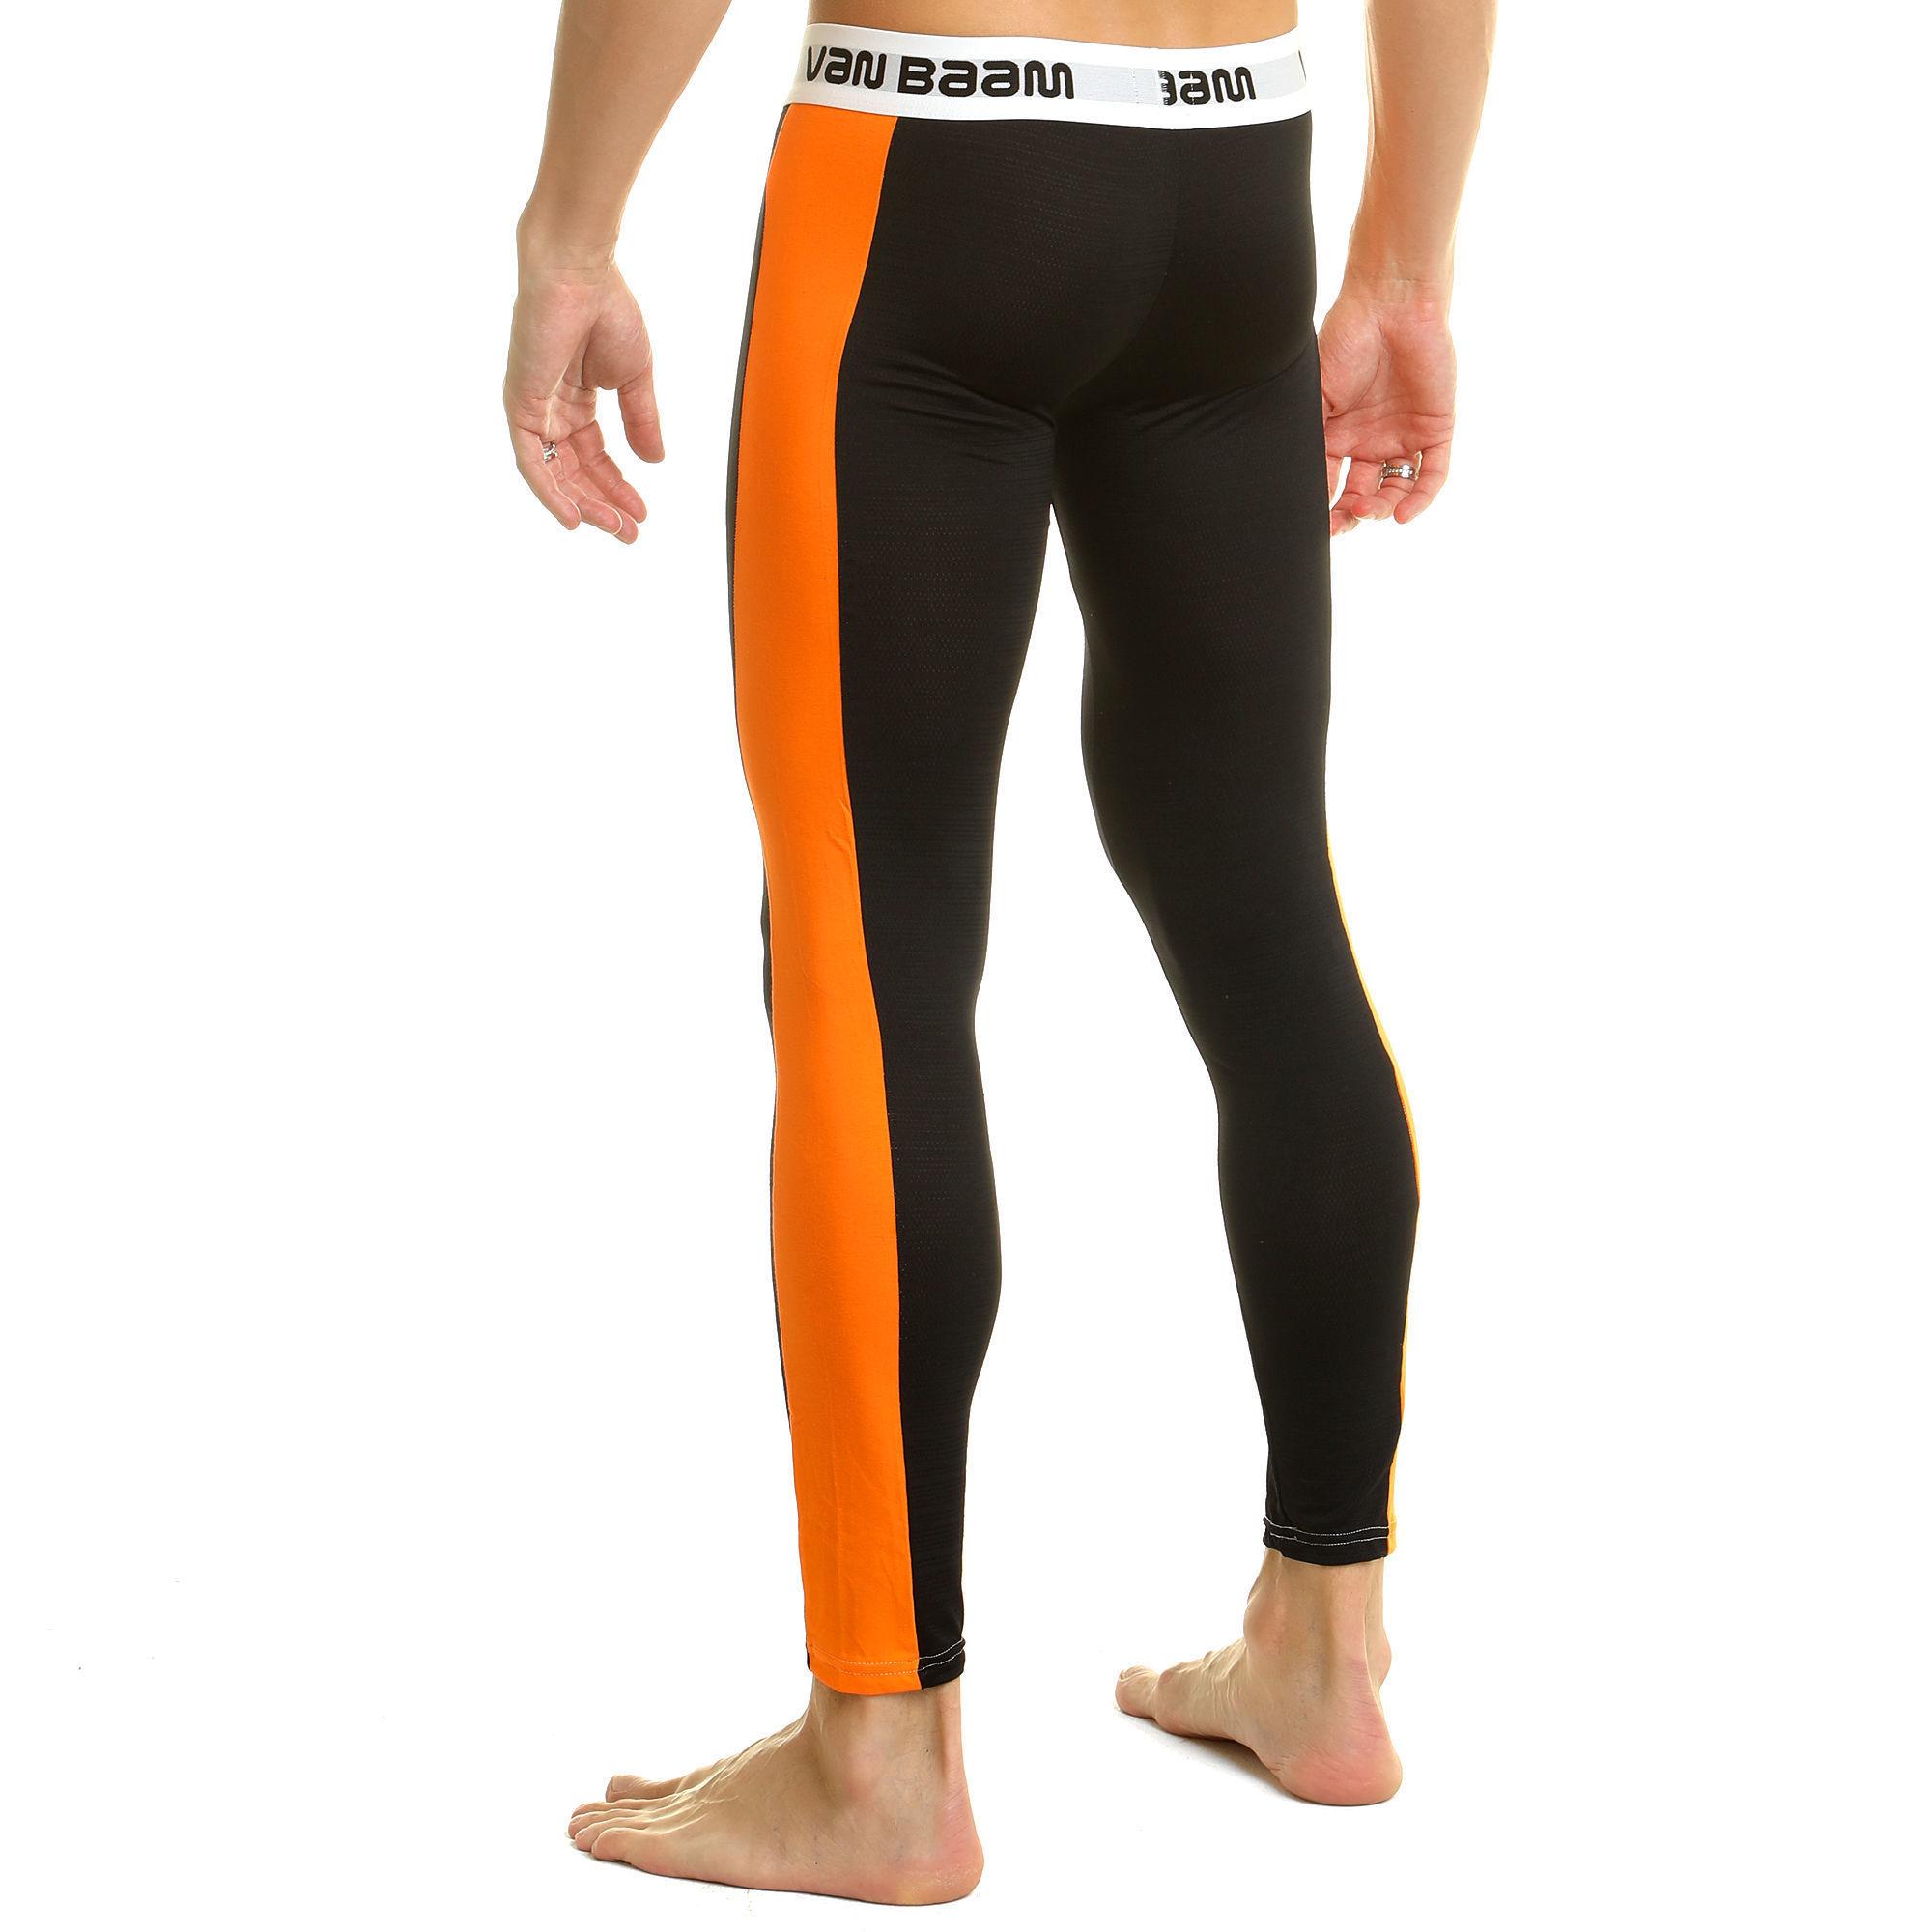 Мужские леггинсы черные с оранжевой вставкой Van Baam 39290